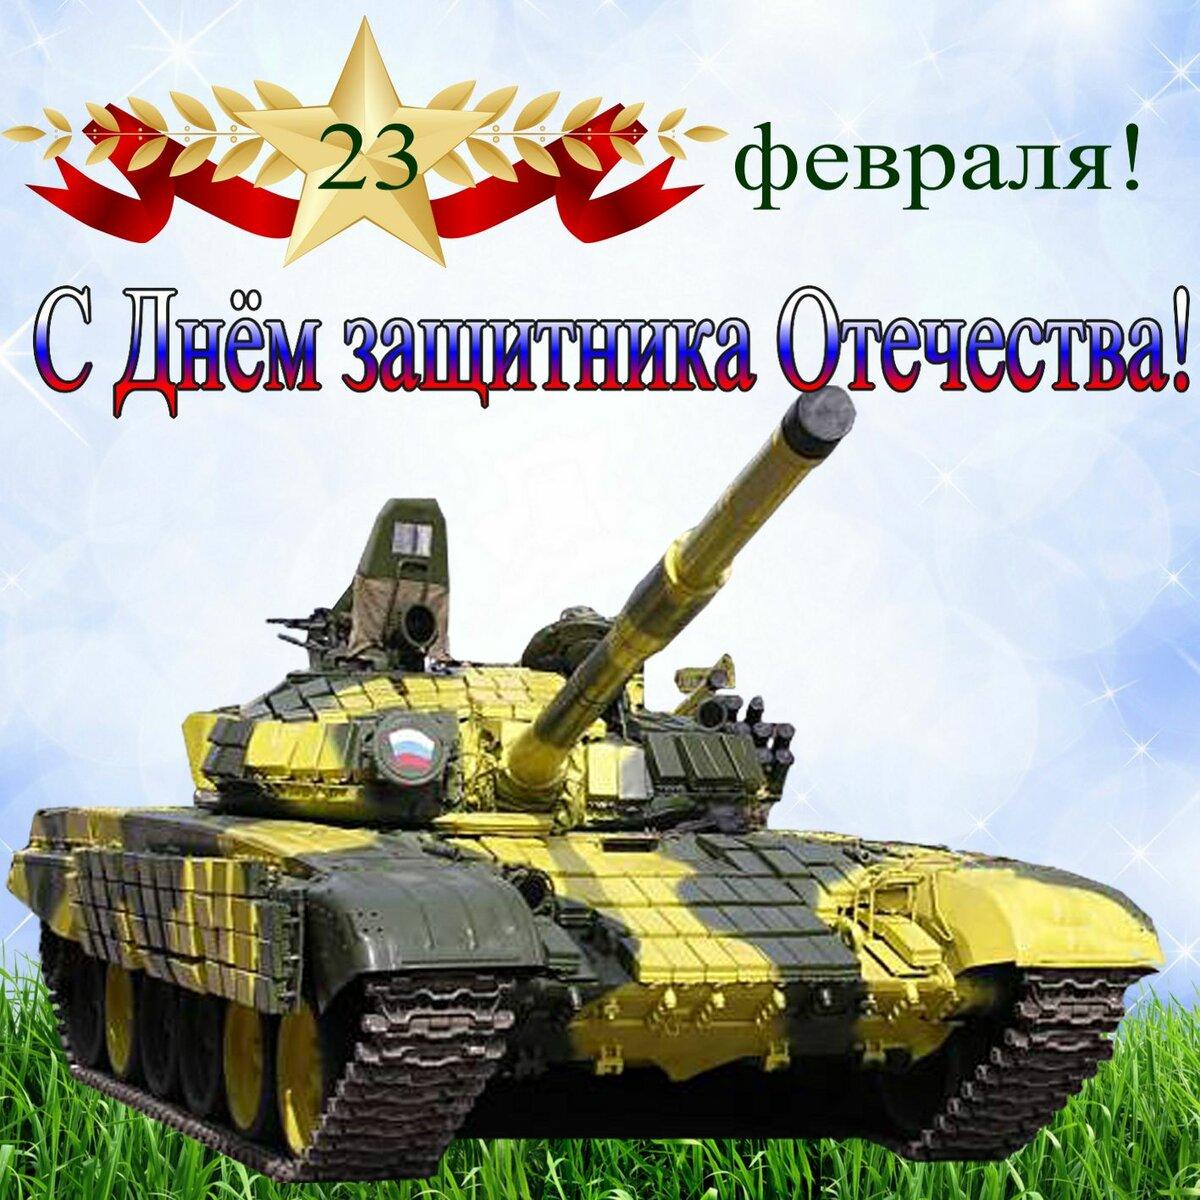 Картинки открытки, картинка танка для открытки